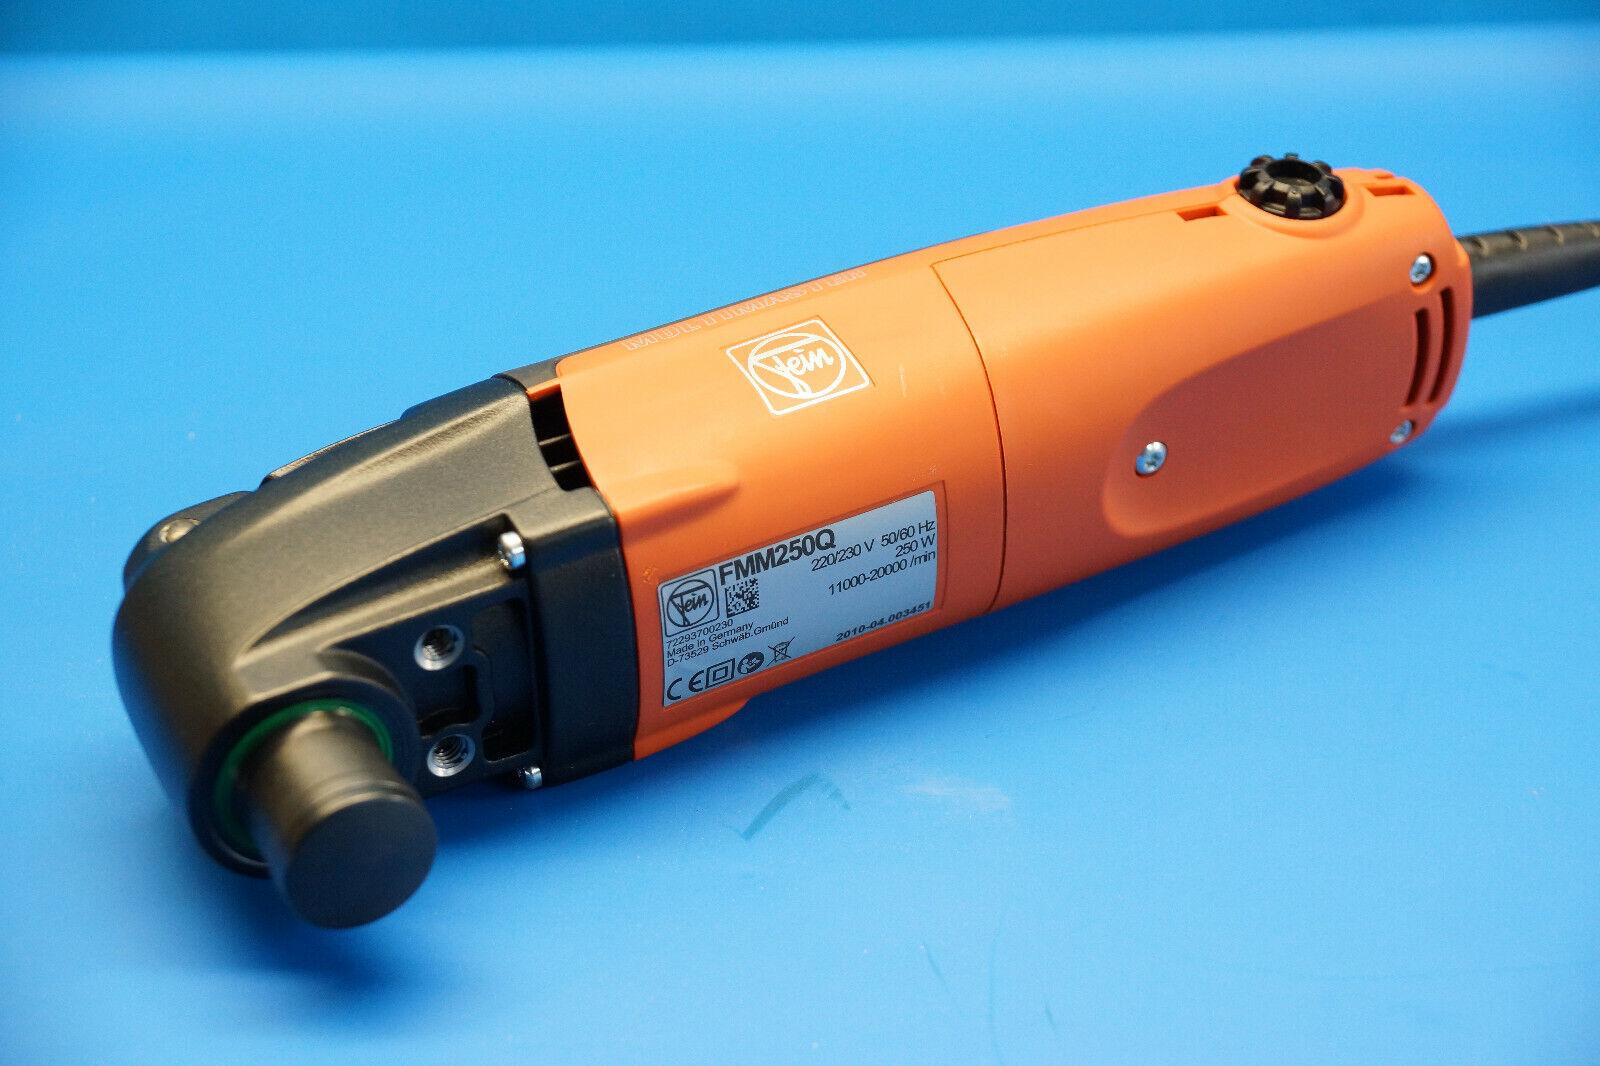 Fein MultiMaster FMM 250Q mit Koffer (J17